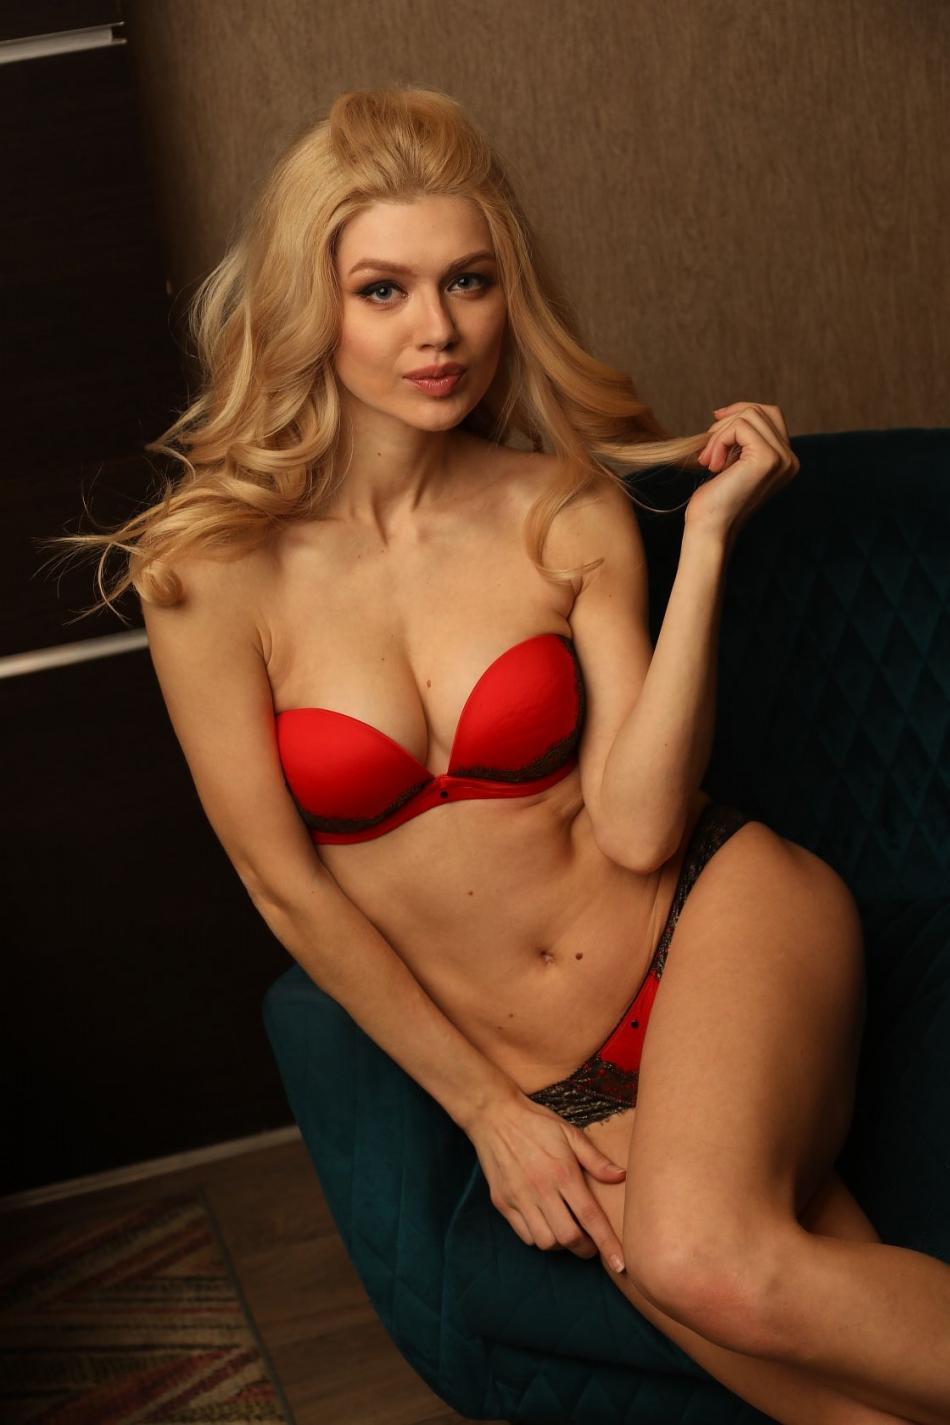 Ladyfordaddy.com Mia Escort Girl In New York 7700921 - 5 5